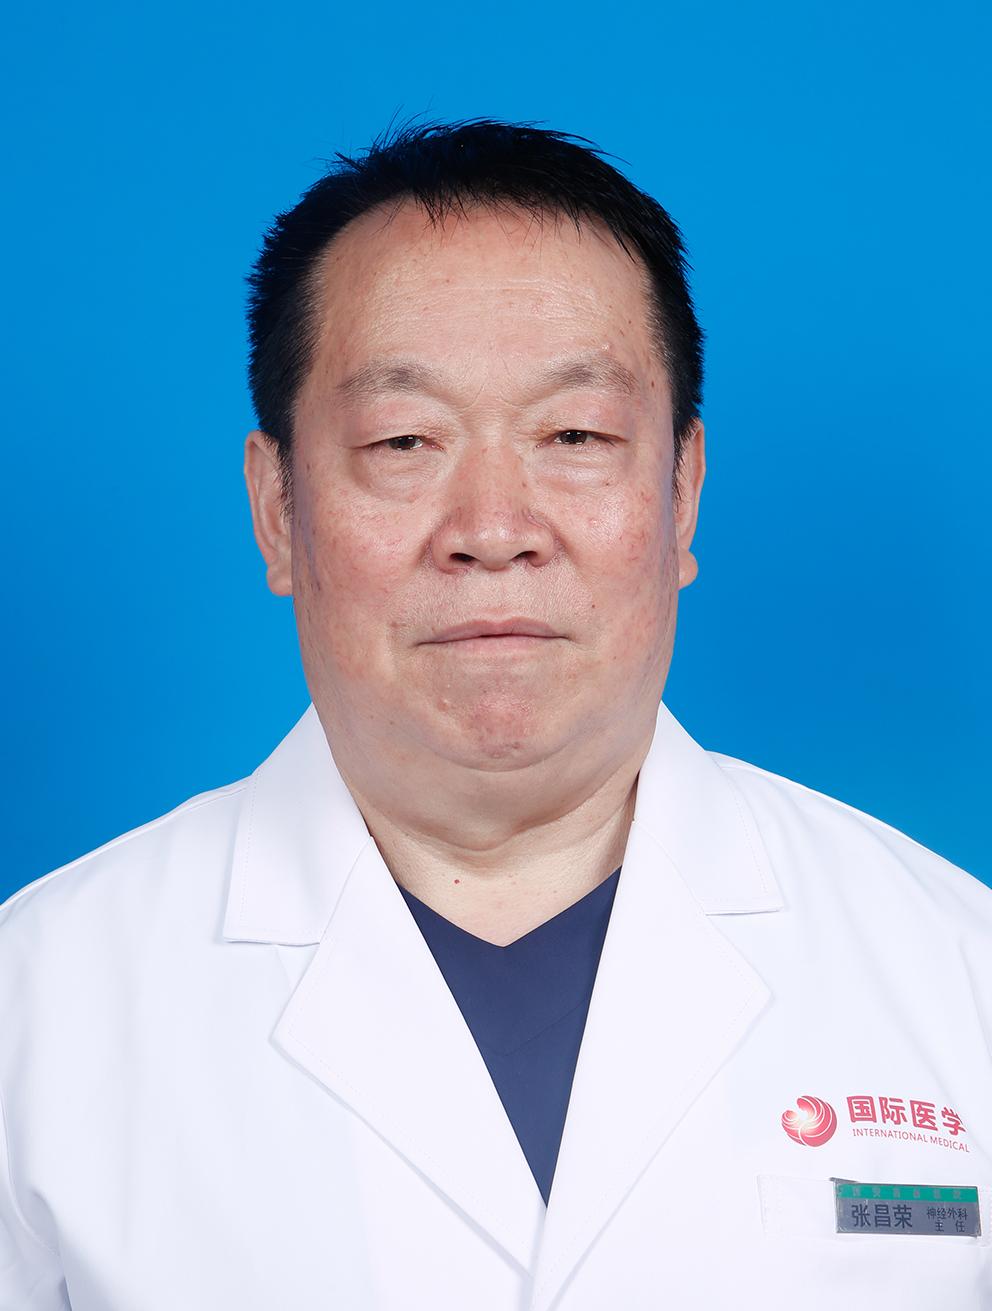 神经外科 张昌荣 主任医师.jpg